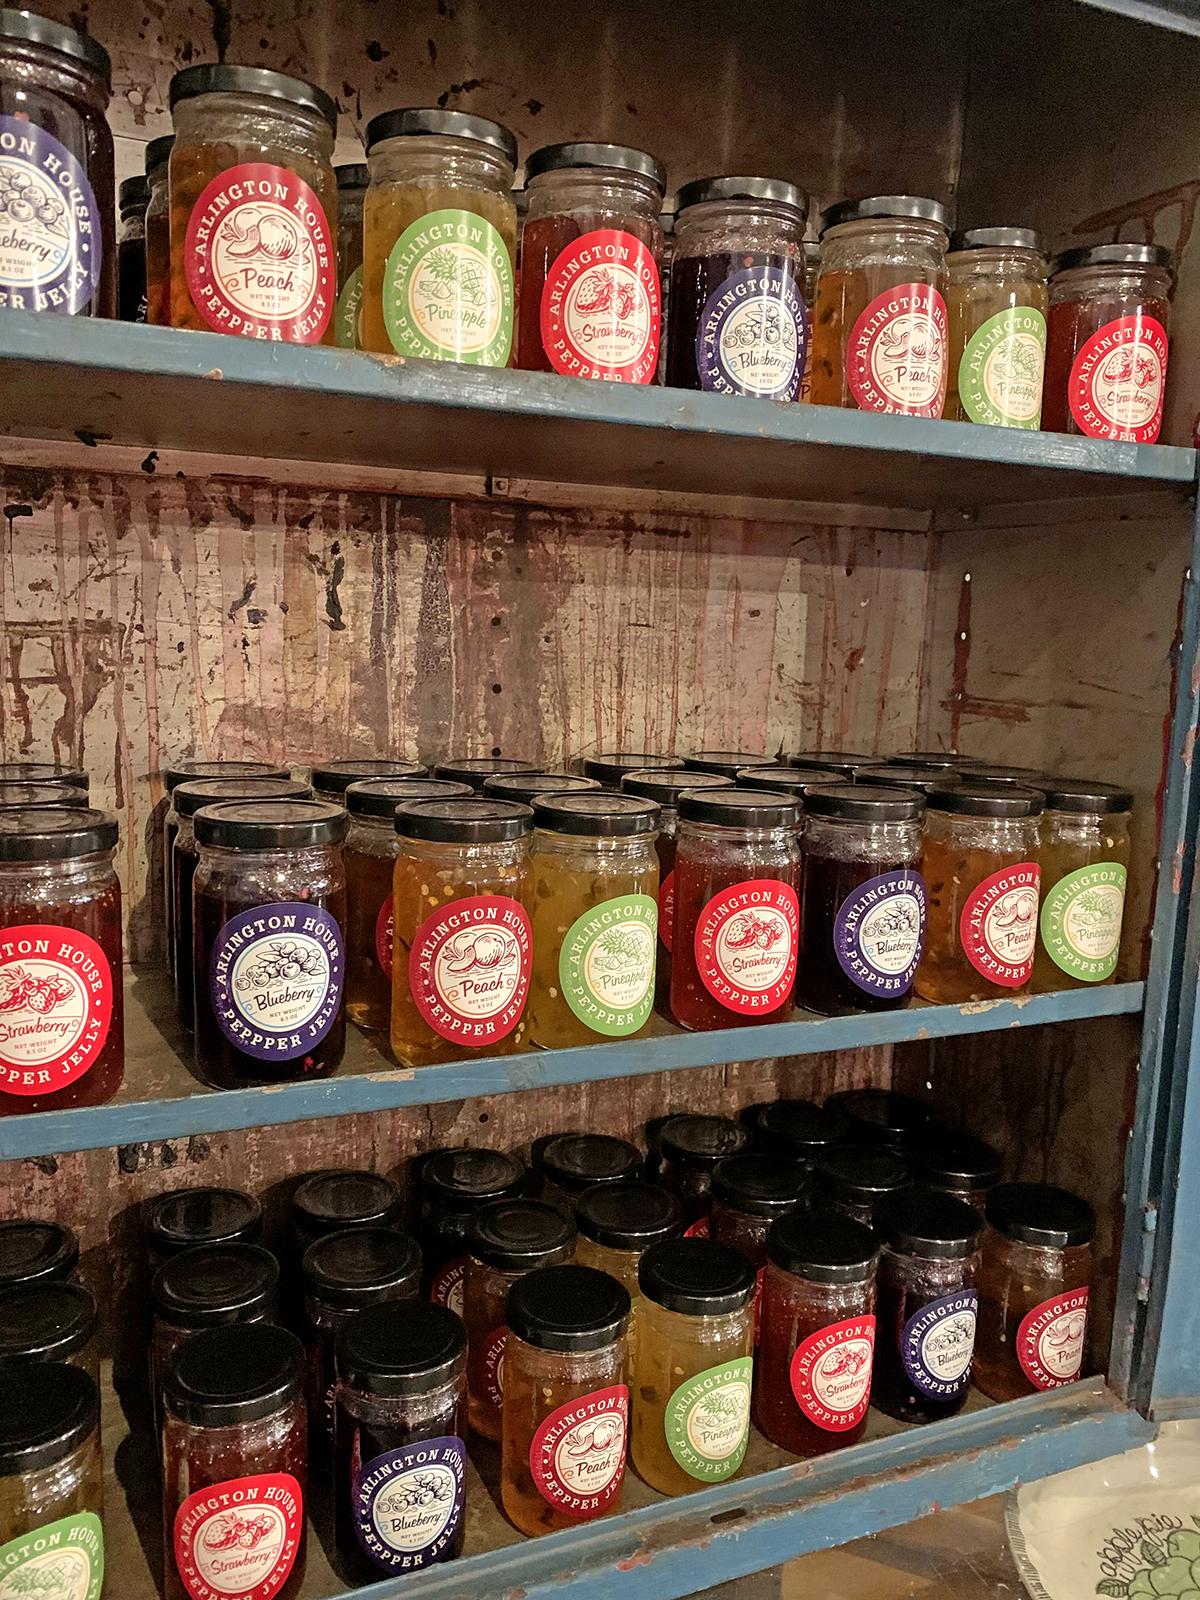 shelf full of pepper jelly jars